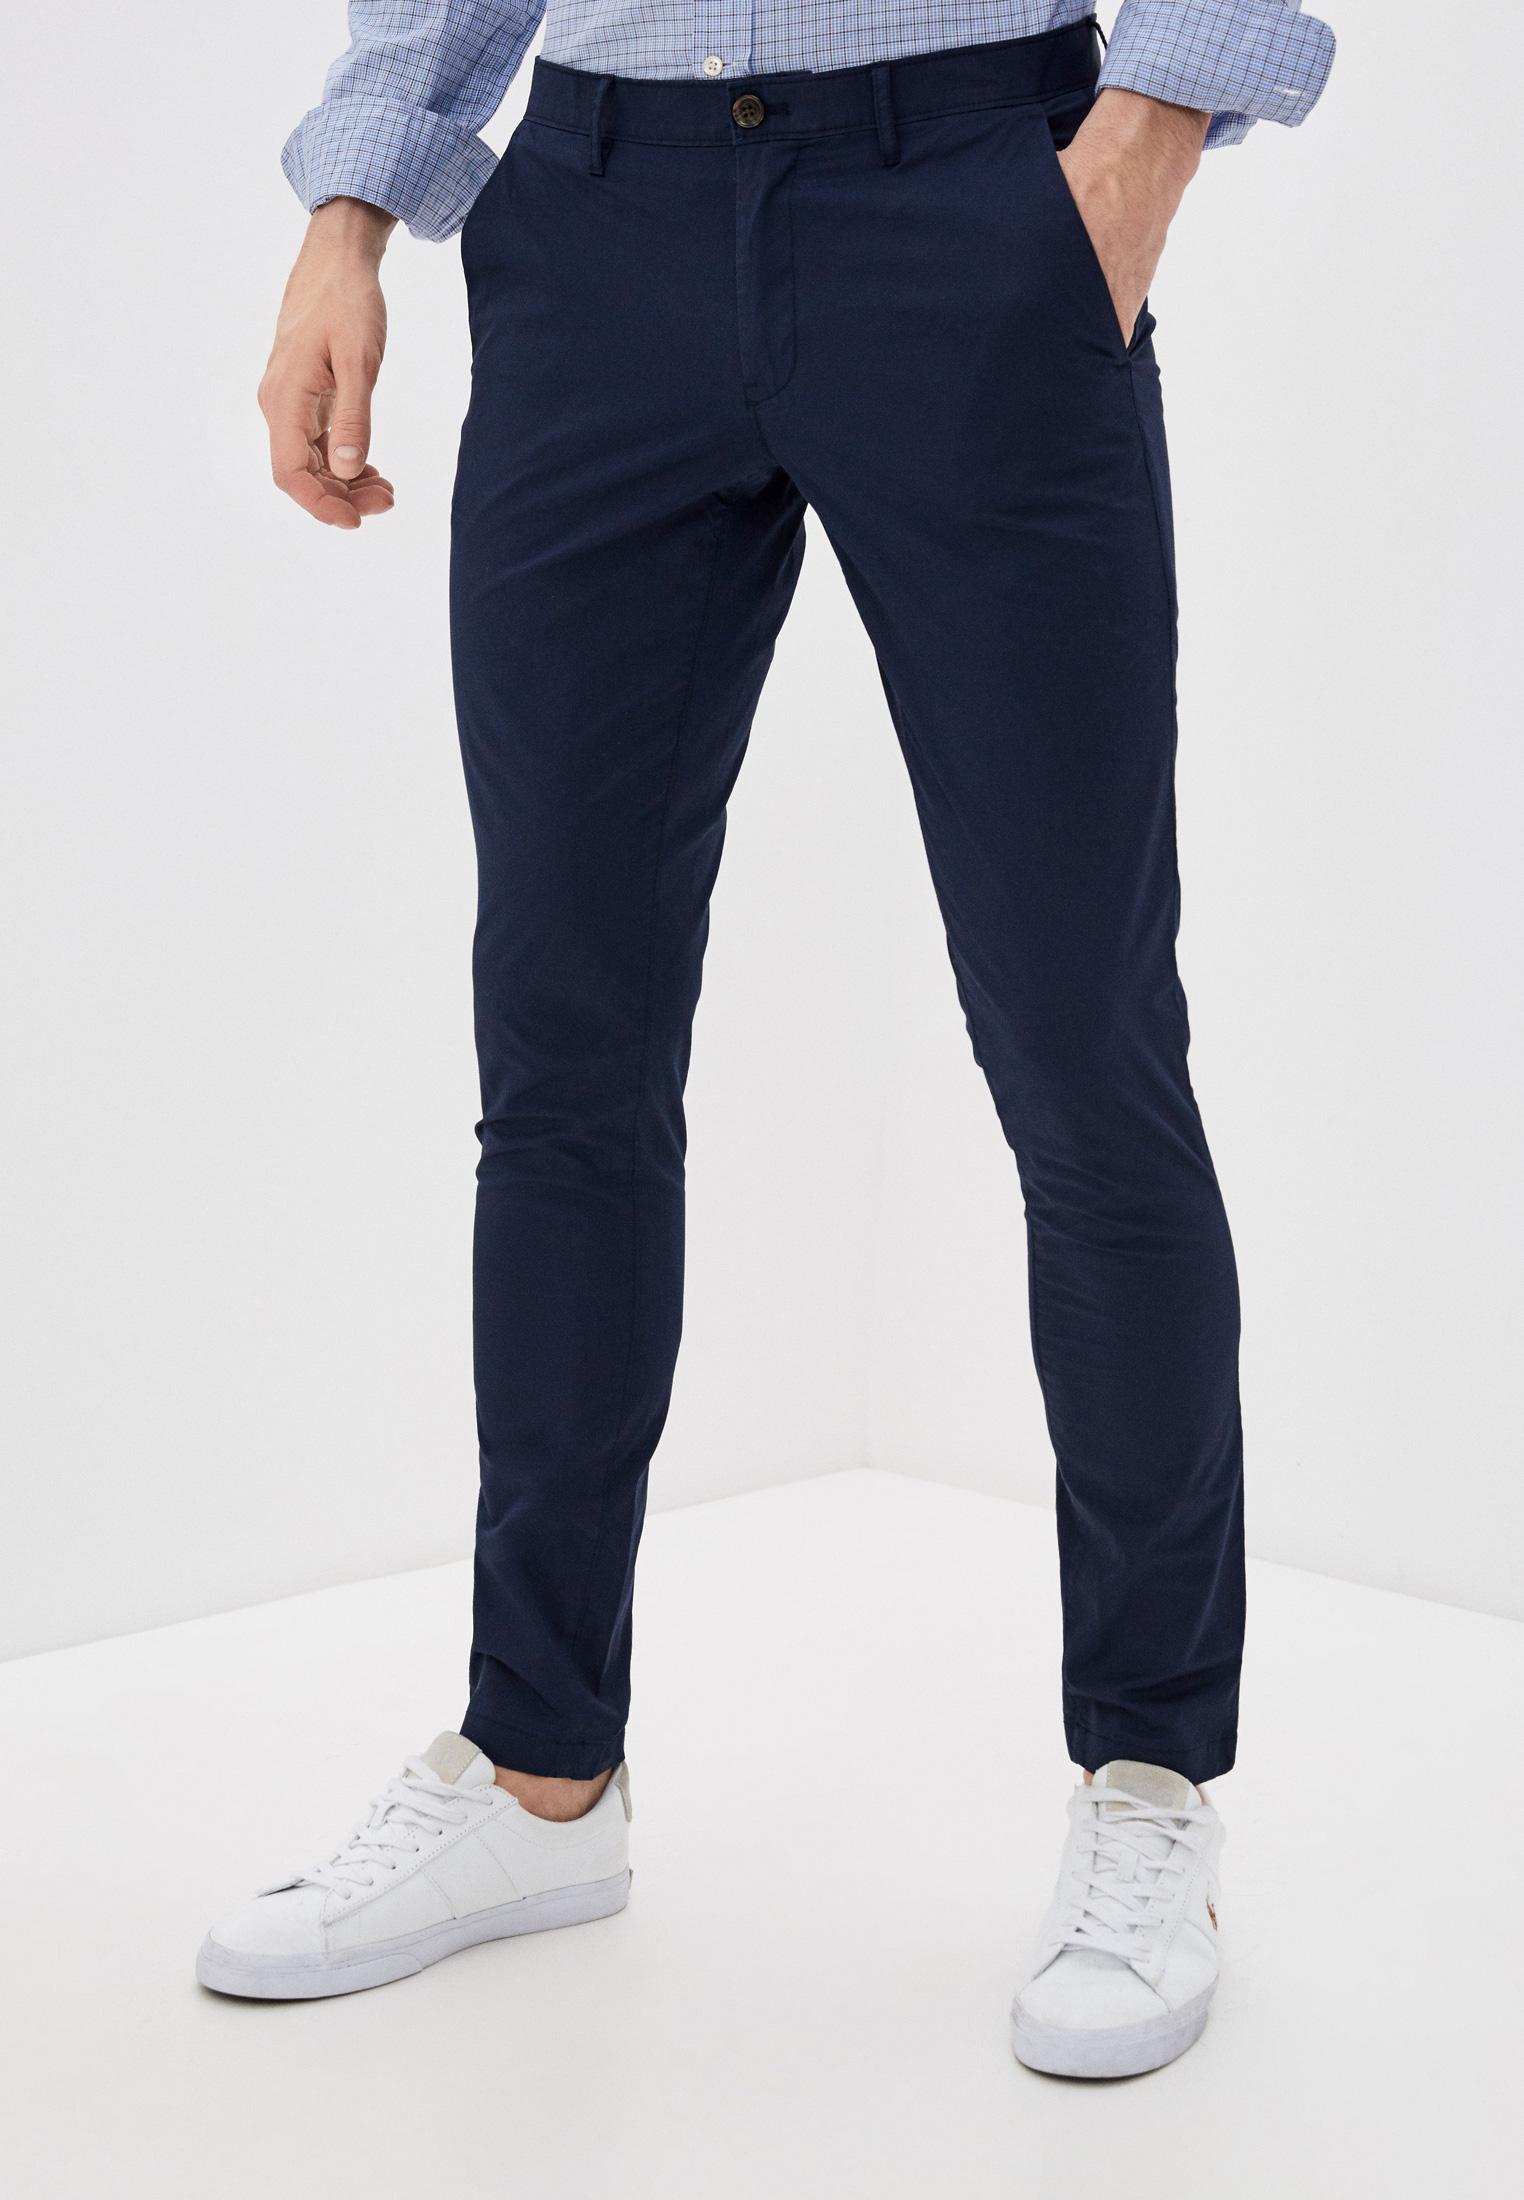 Мужские повседневные брюки Michael Kors cs93ctj4jj